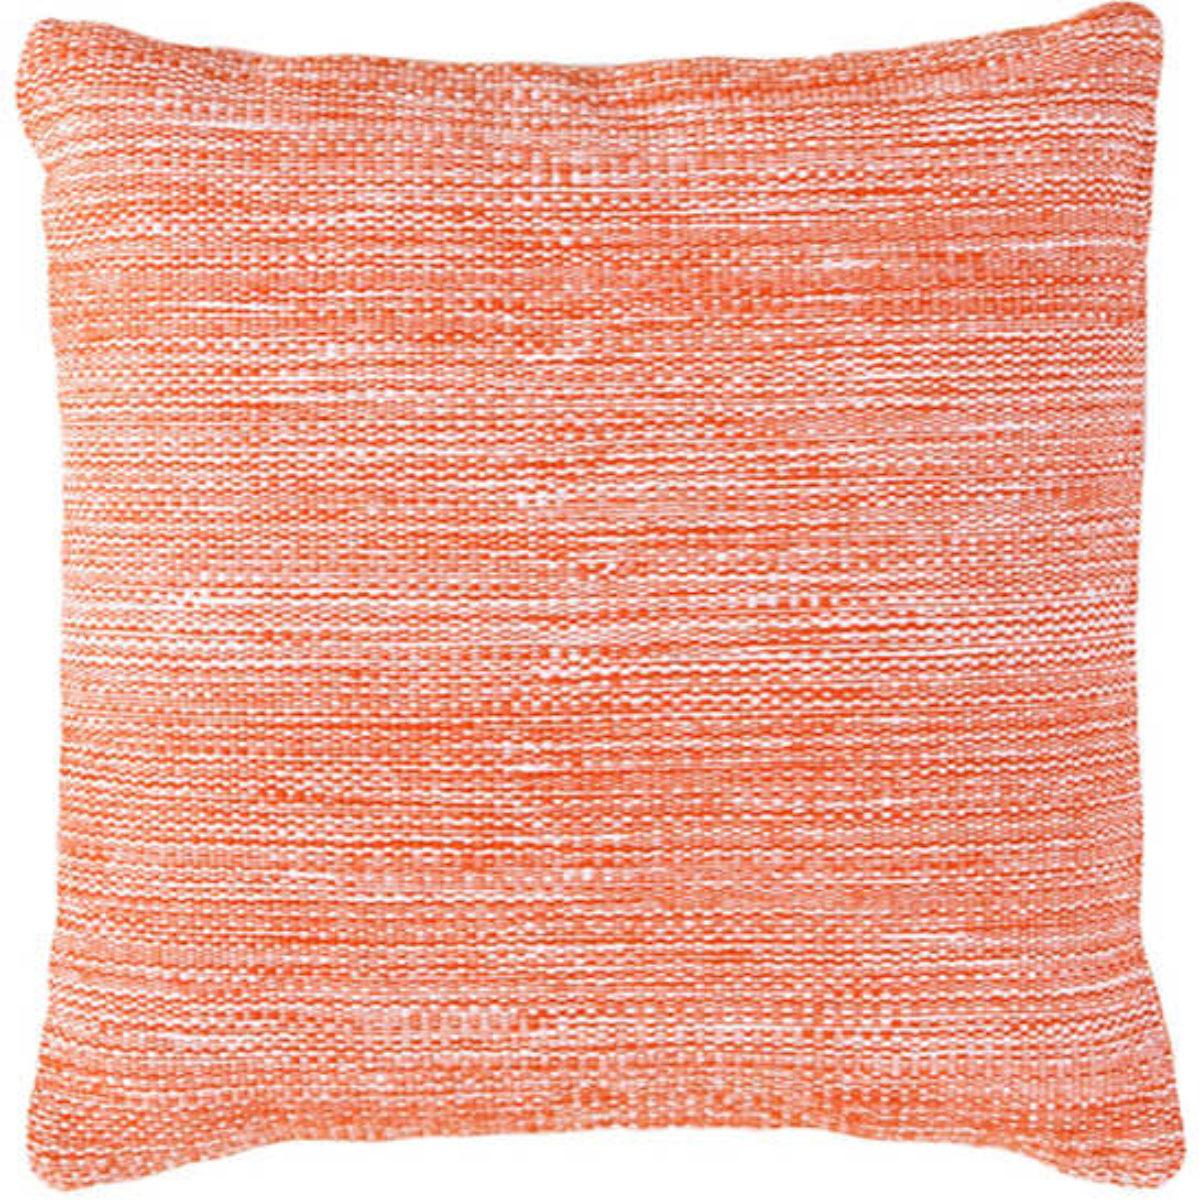 Mingled Tangerine Indoor/Outdoor Pillow